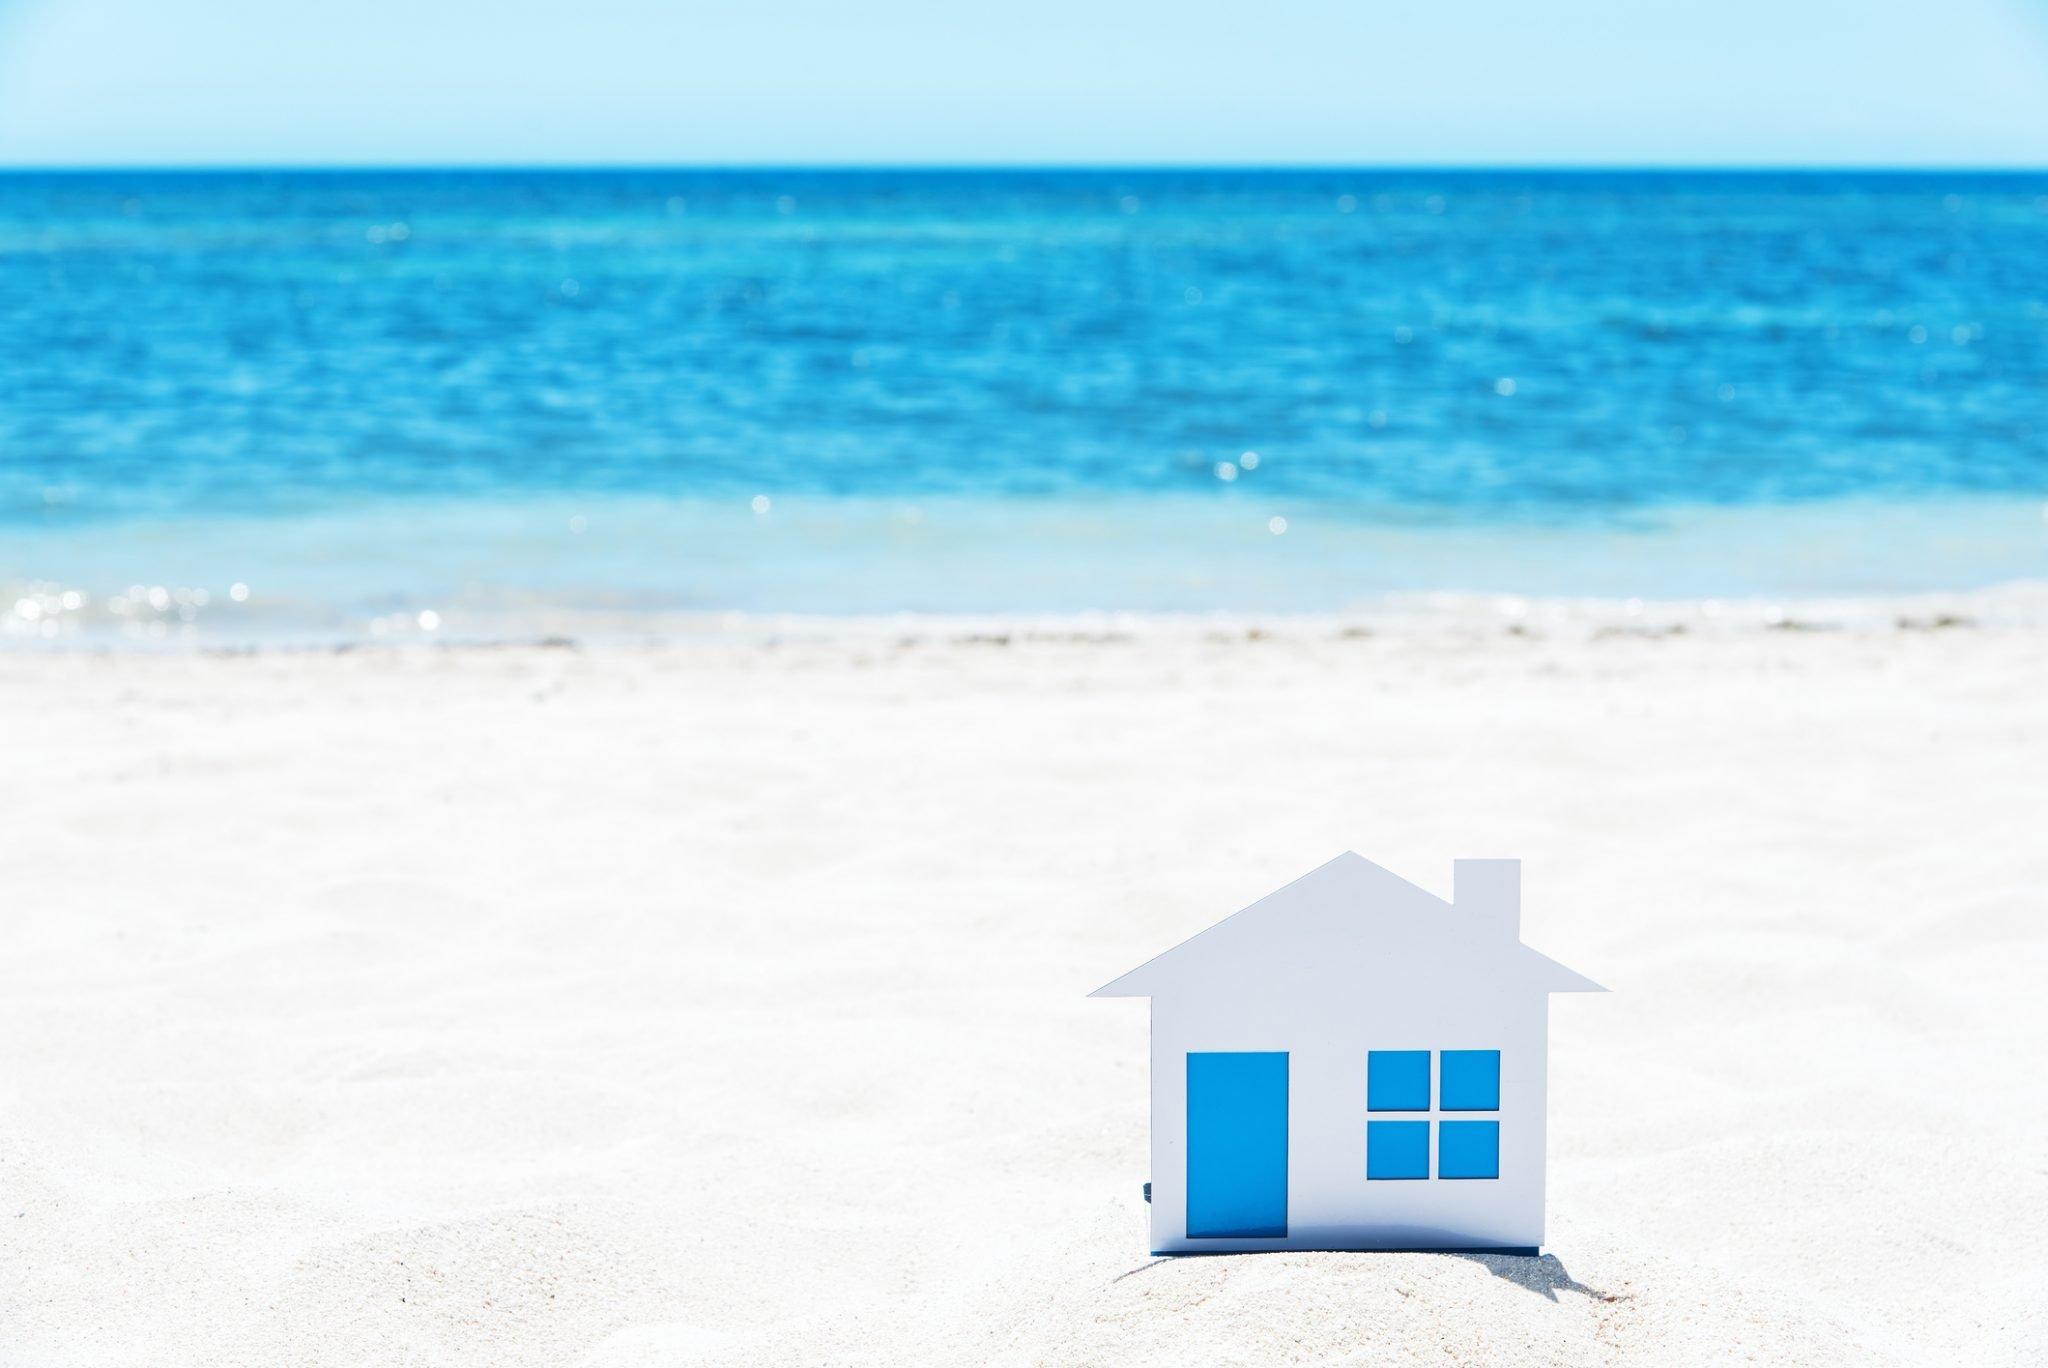 Avocat droit des affaires, avocat droit de la consommation, litige location, litige vacances, litige rbnb, litige voyage